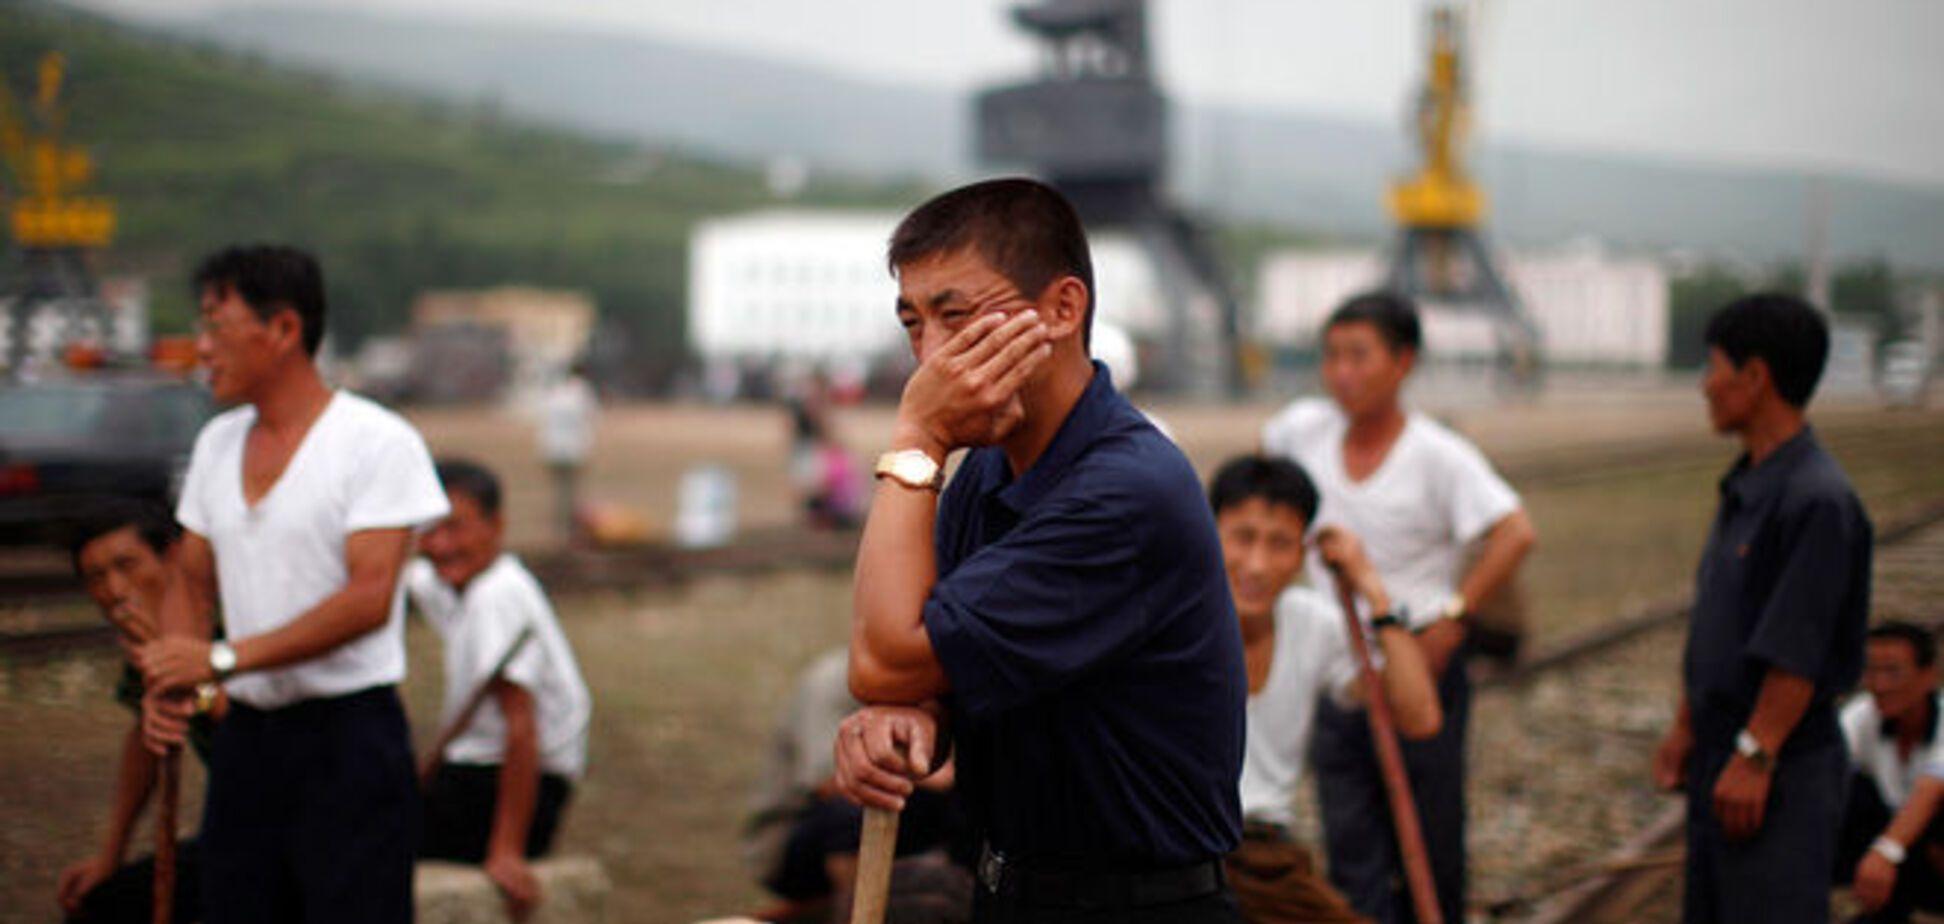 СМИ: Северная Корея использует своих граждан в России, как рабов